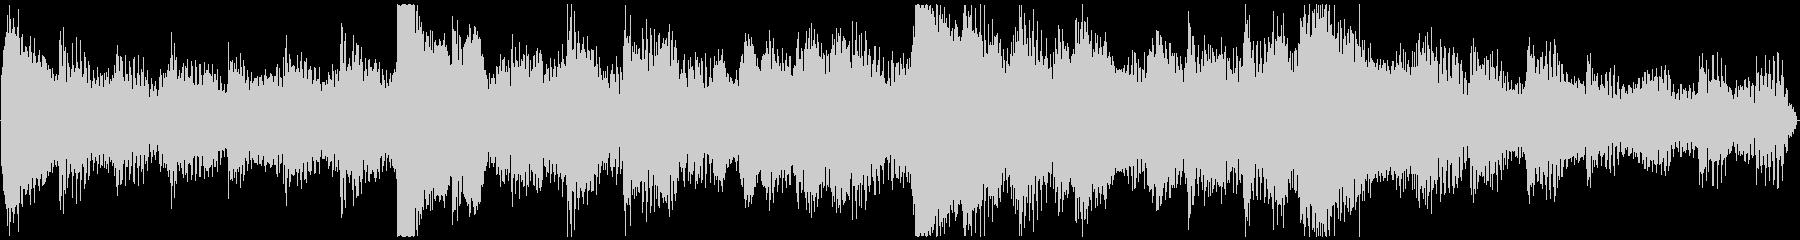 <Loop>駆け出す ピアノの未再生の波形